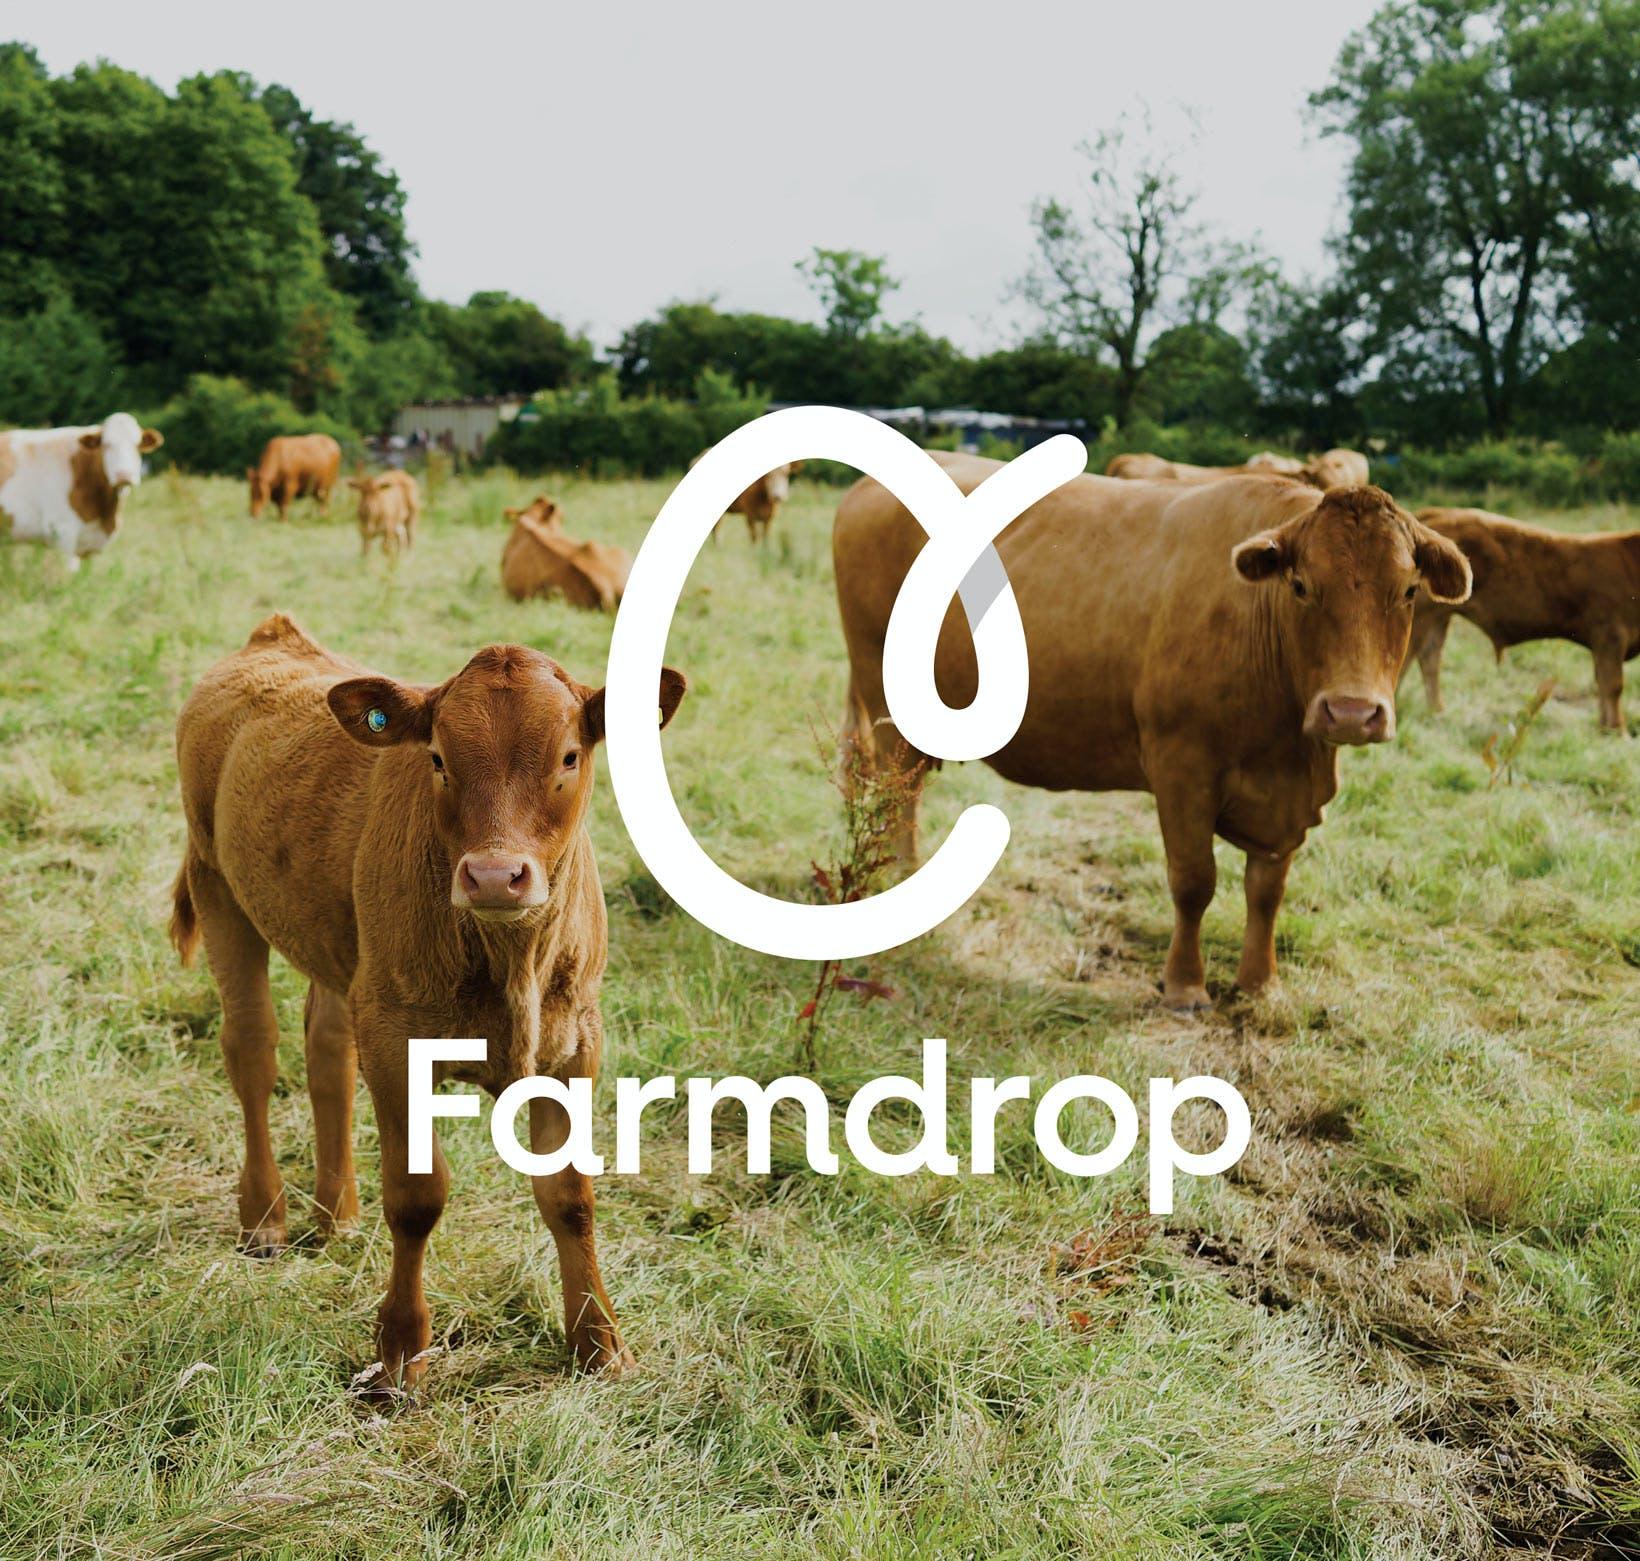 Farmdrop Hampers - Farmdrop Local Food Delivery